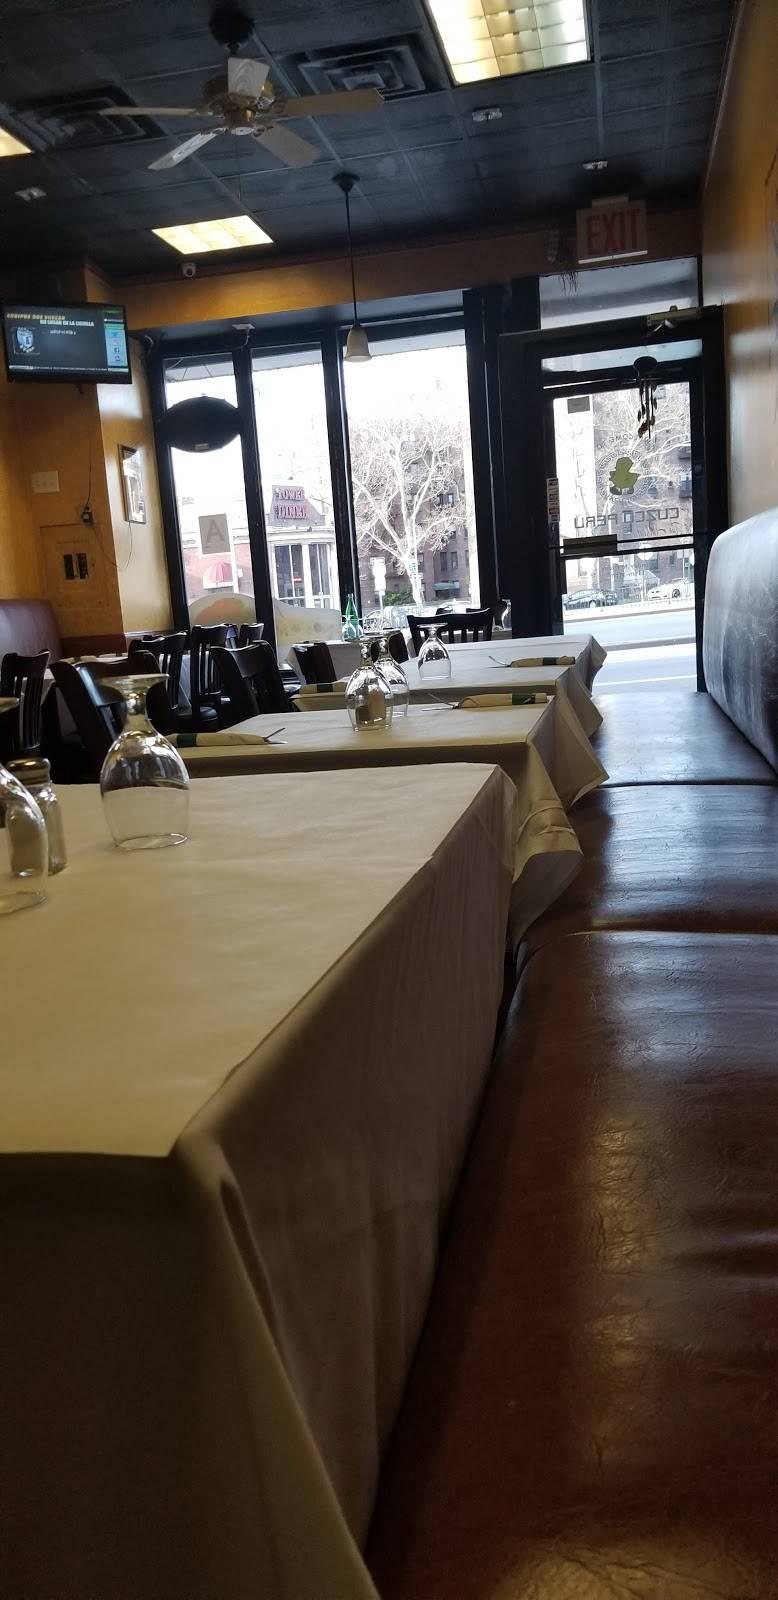 Cuzco | restaurant | 98102 Queens Blvd, Rego Park, NY 11374, USA | 7182751575 OR +1 718-275-1575